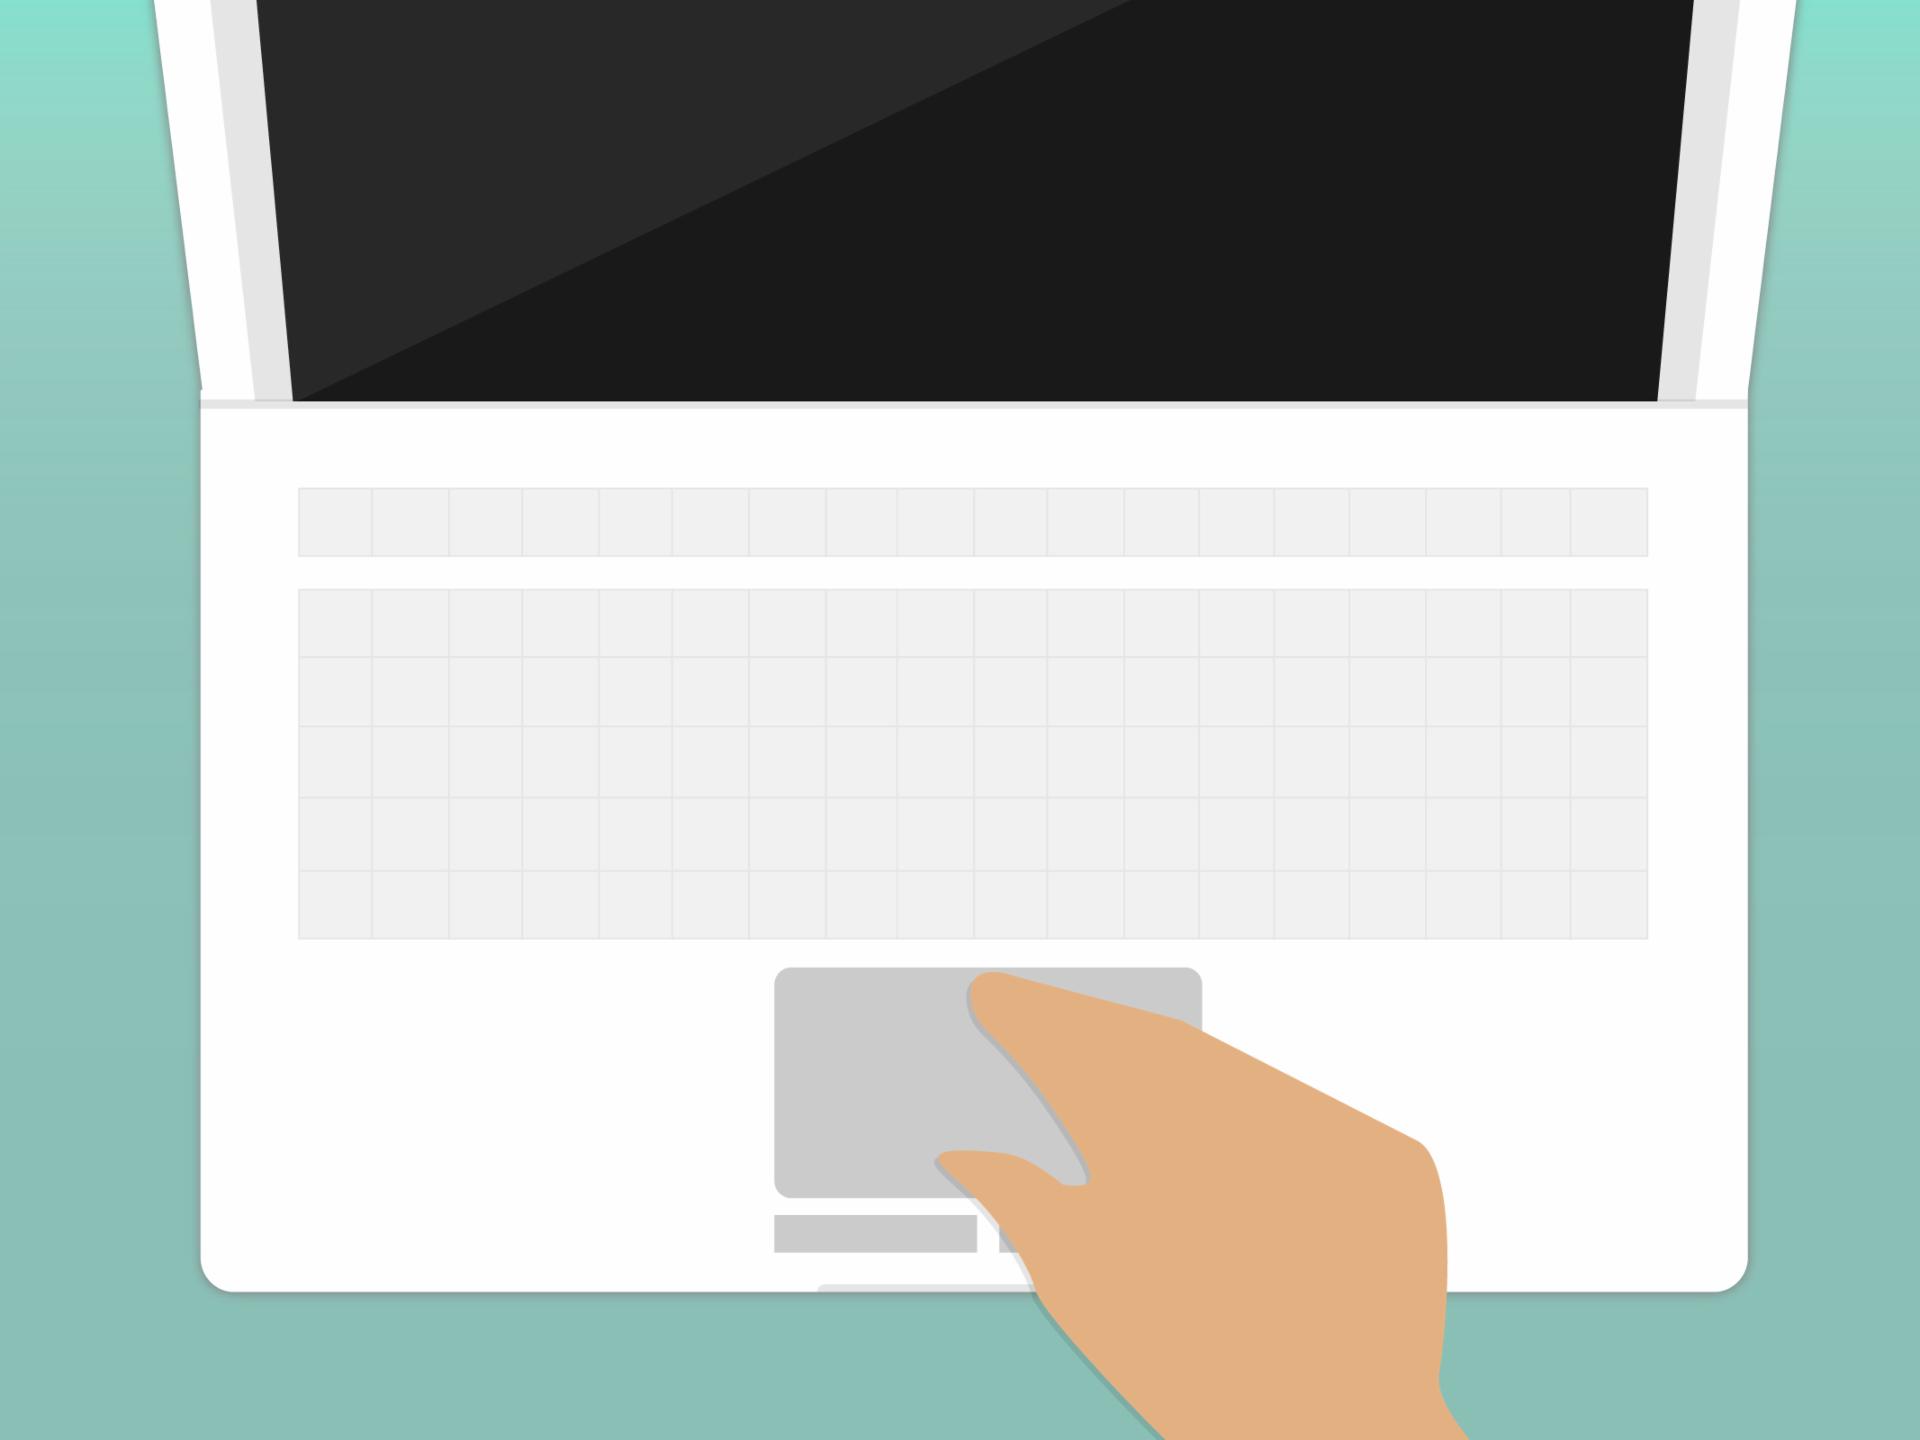 Touchpad é um mouse vinculado a um computador portátil.